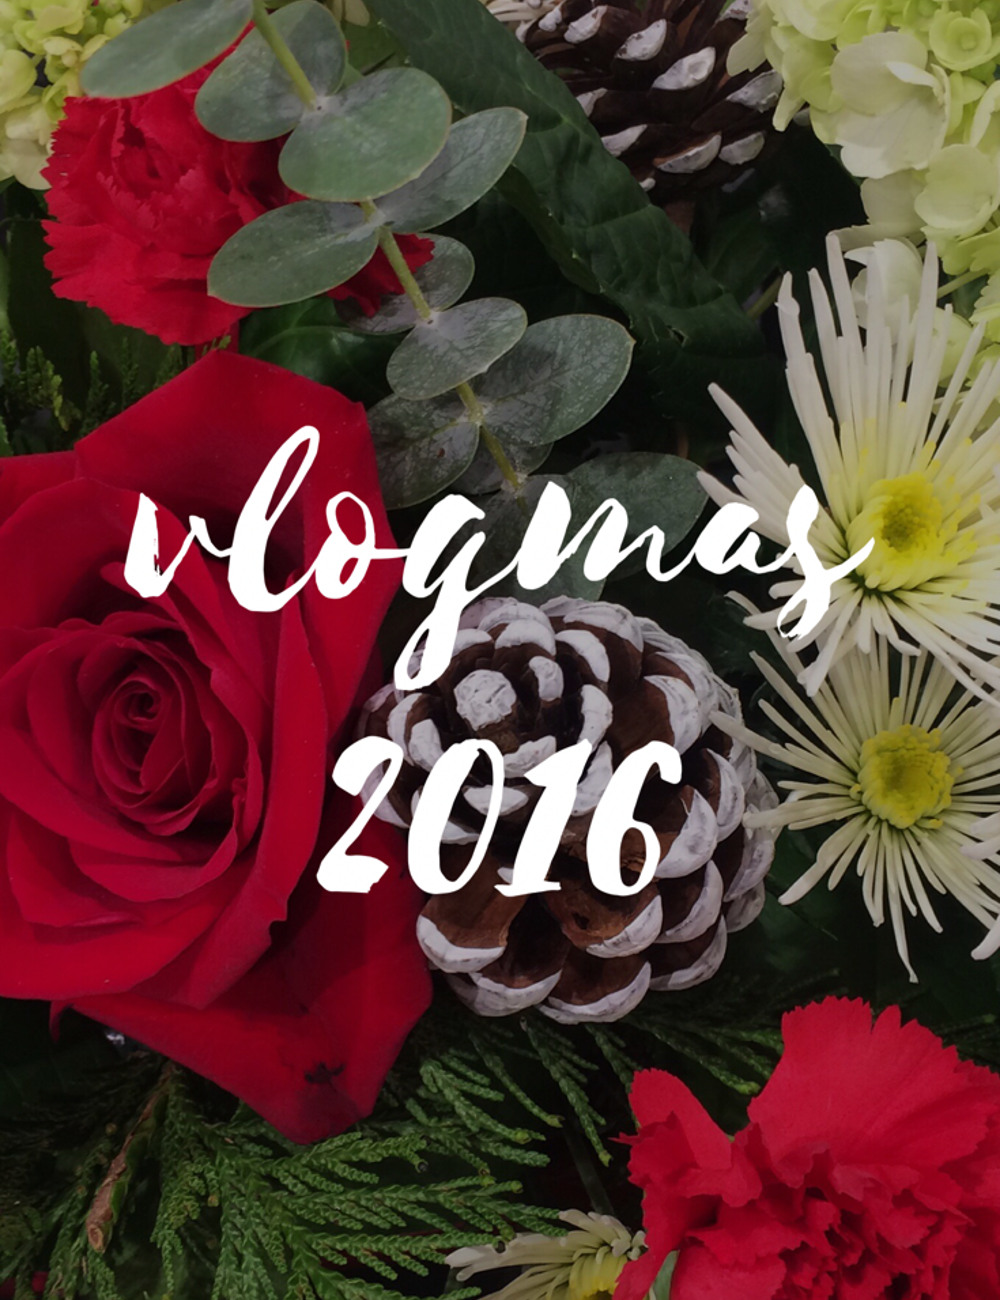 vlogmas 2016 - san francisco holiday vlogs